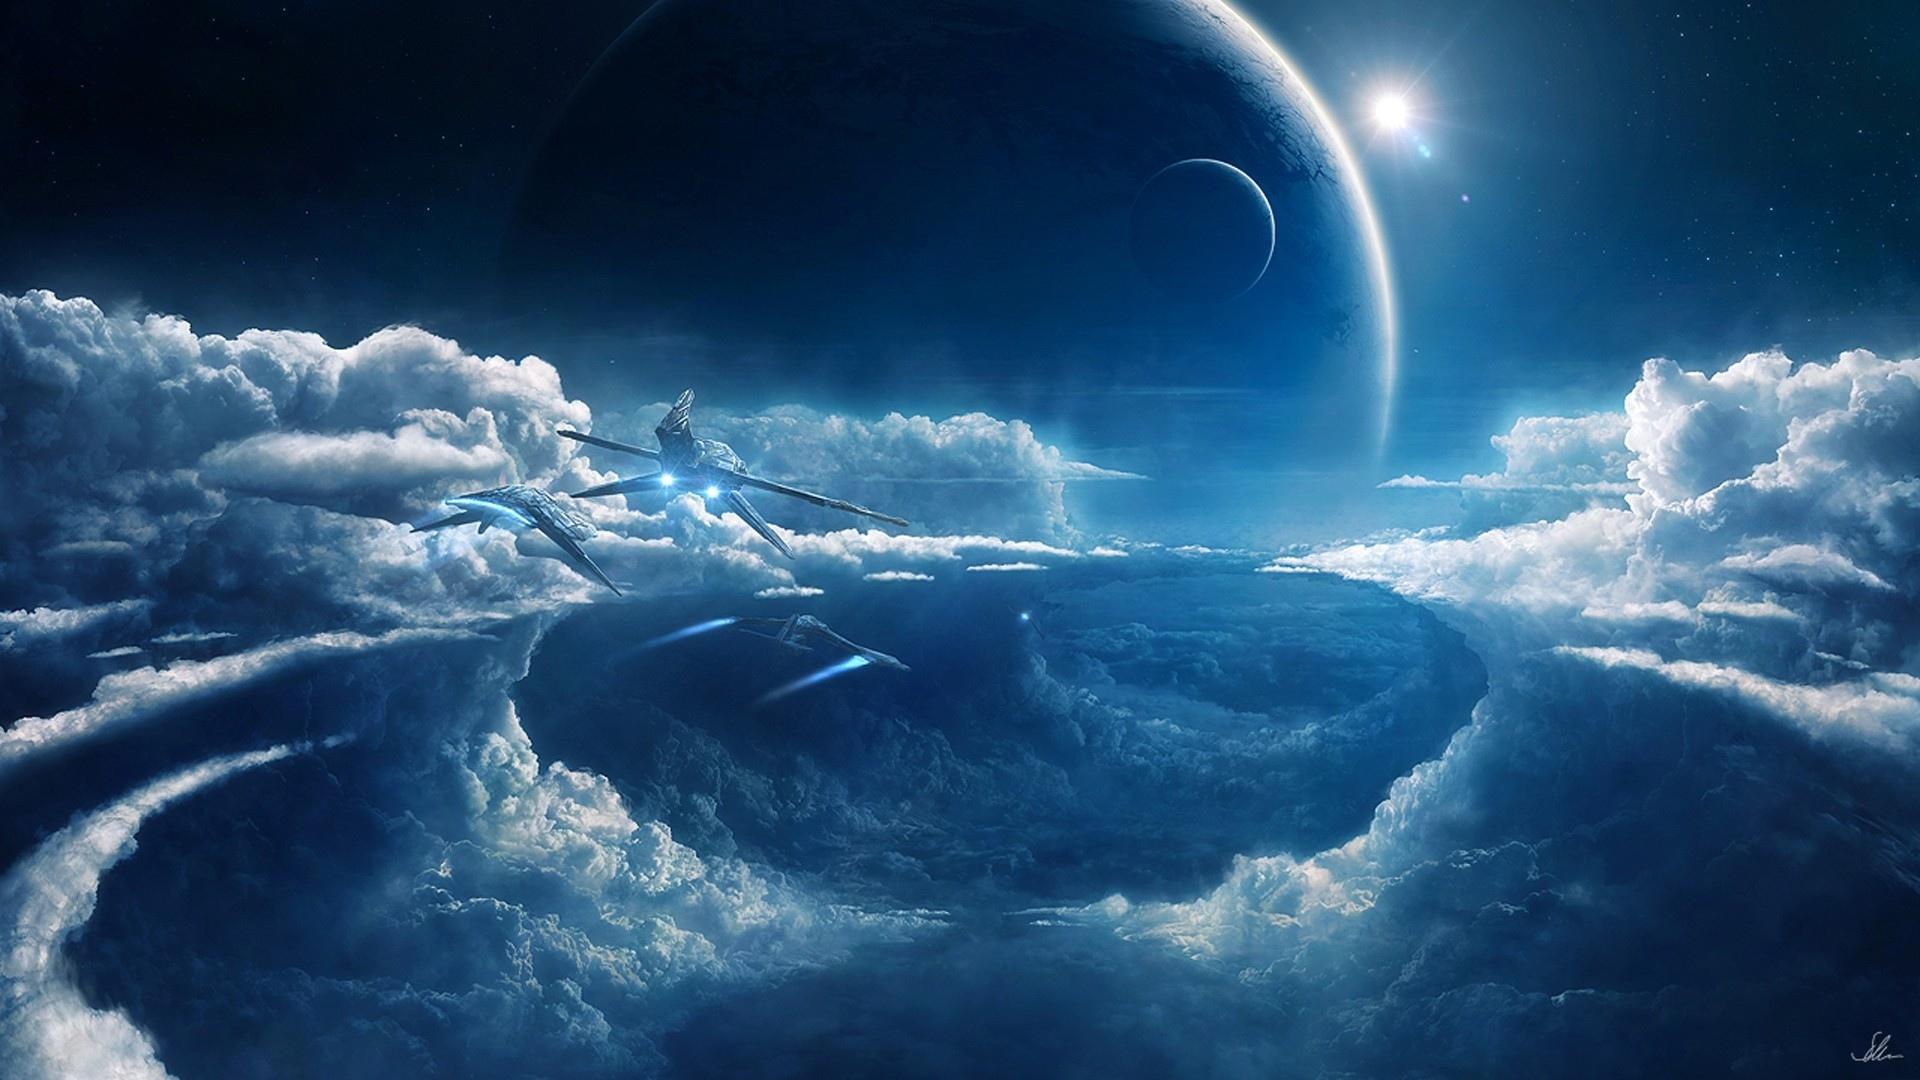 Wallpaper px awan awan fi Penerbangan futuristik Bulan planet sci ilmu